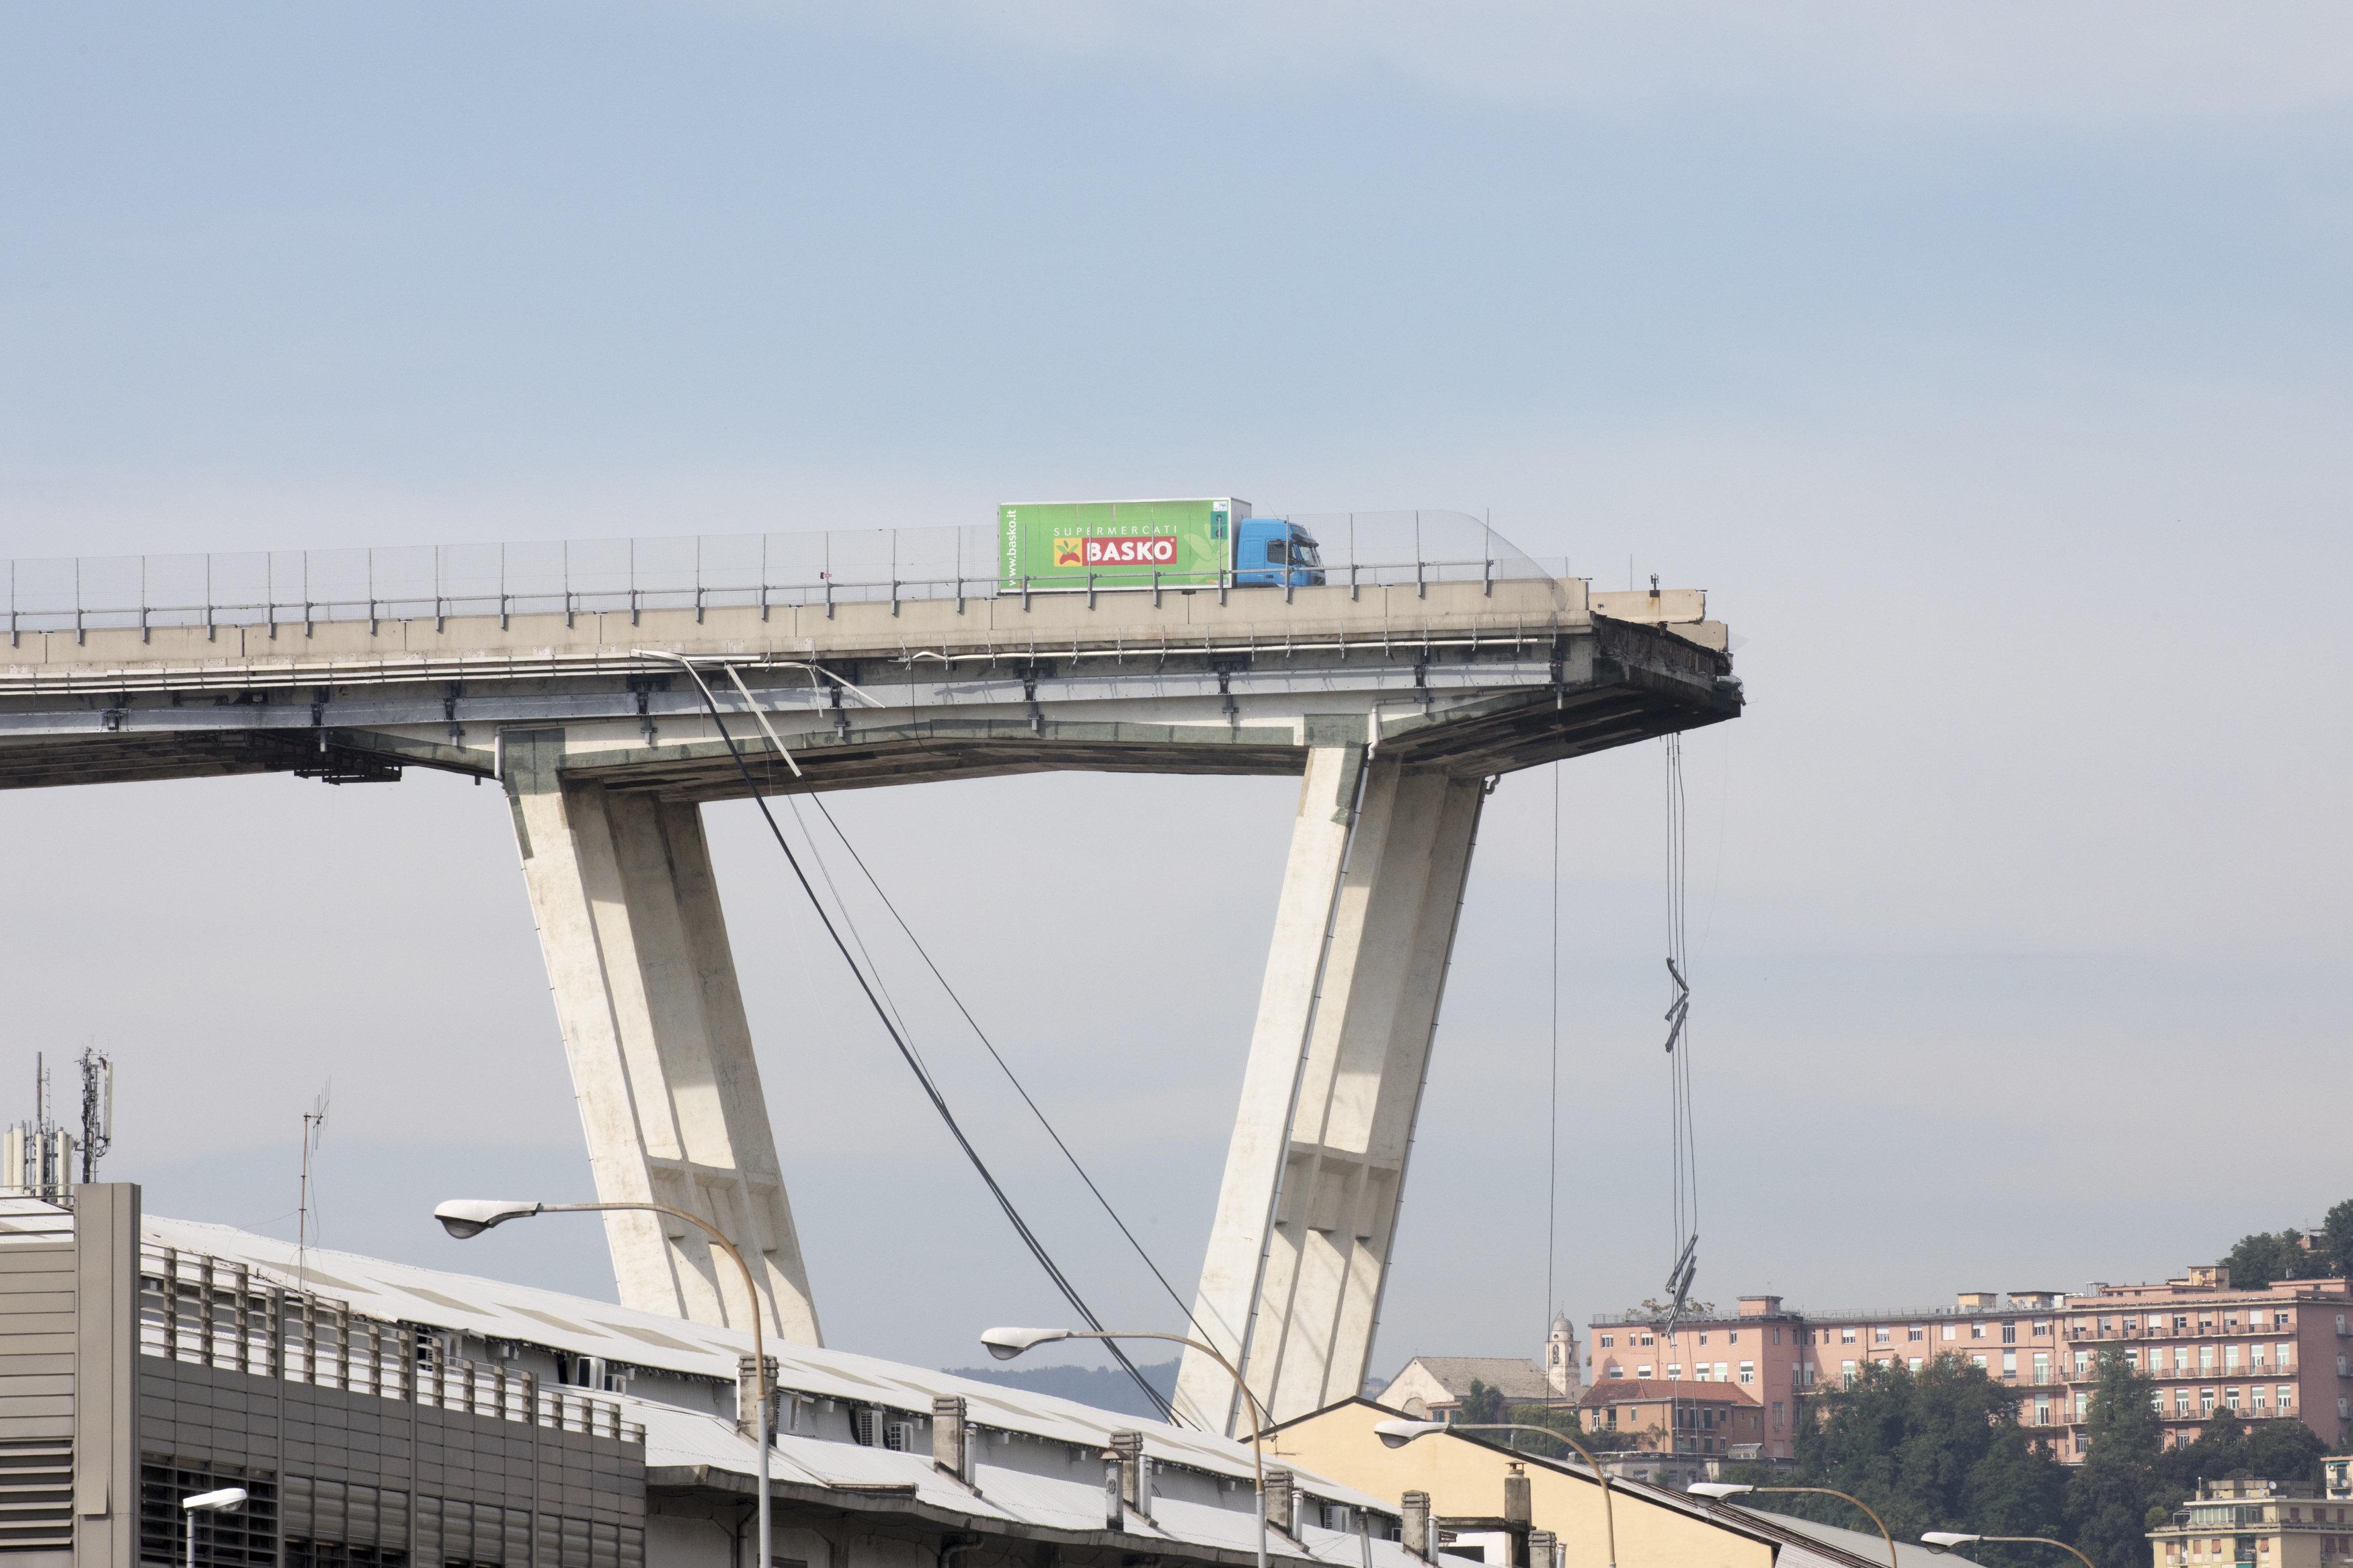 """""""Zum Glück Abstand eingehalten"""": Lkw-Fahrer aus Genua erzählt, wie er das Drama auf der Brücke erlebt"""